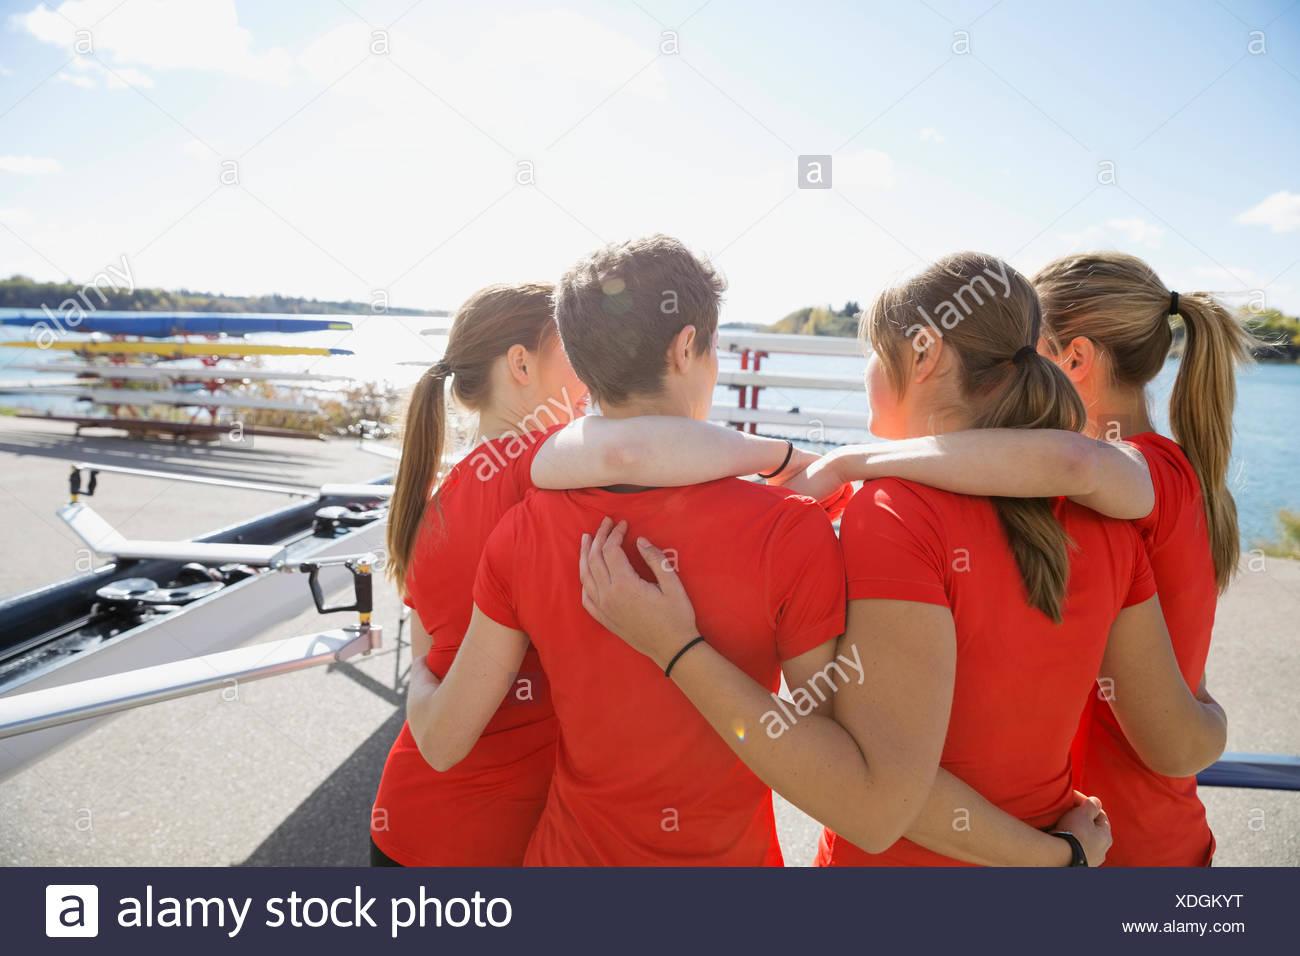 Il team di canottaggio costeggiata a waterfront Immagini Stock